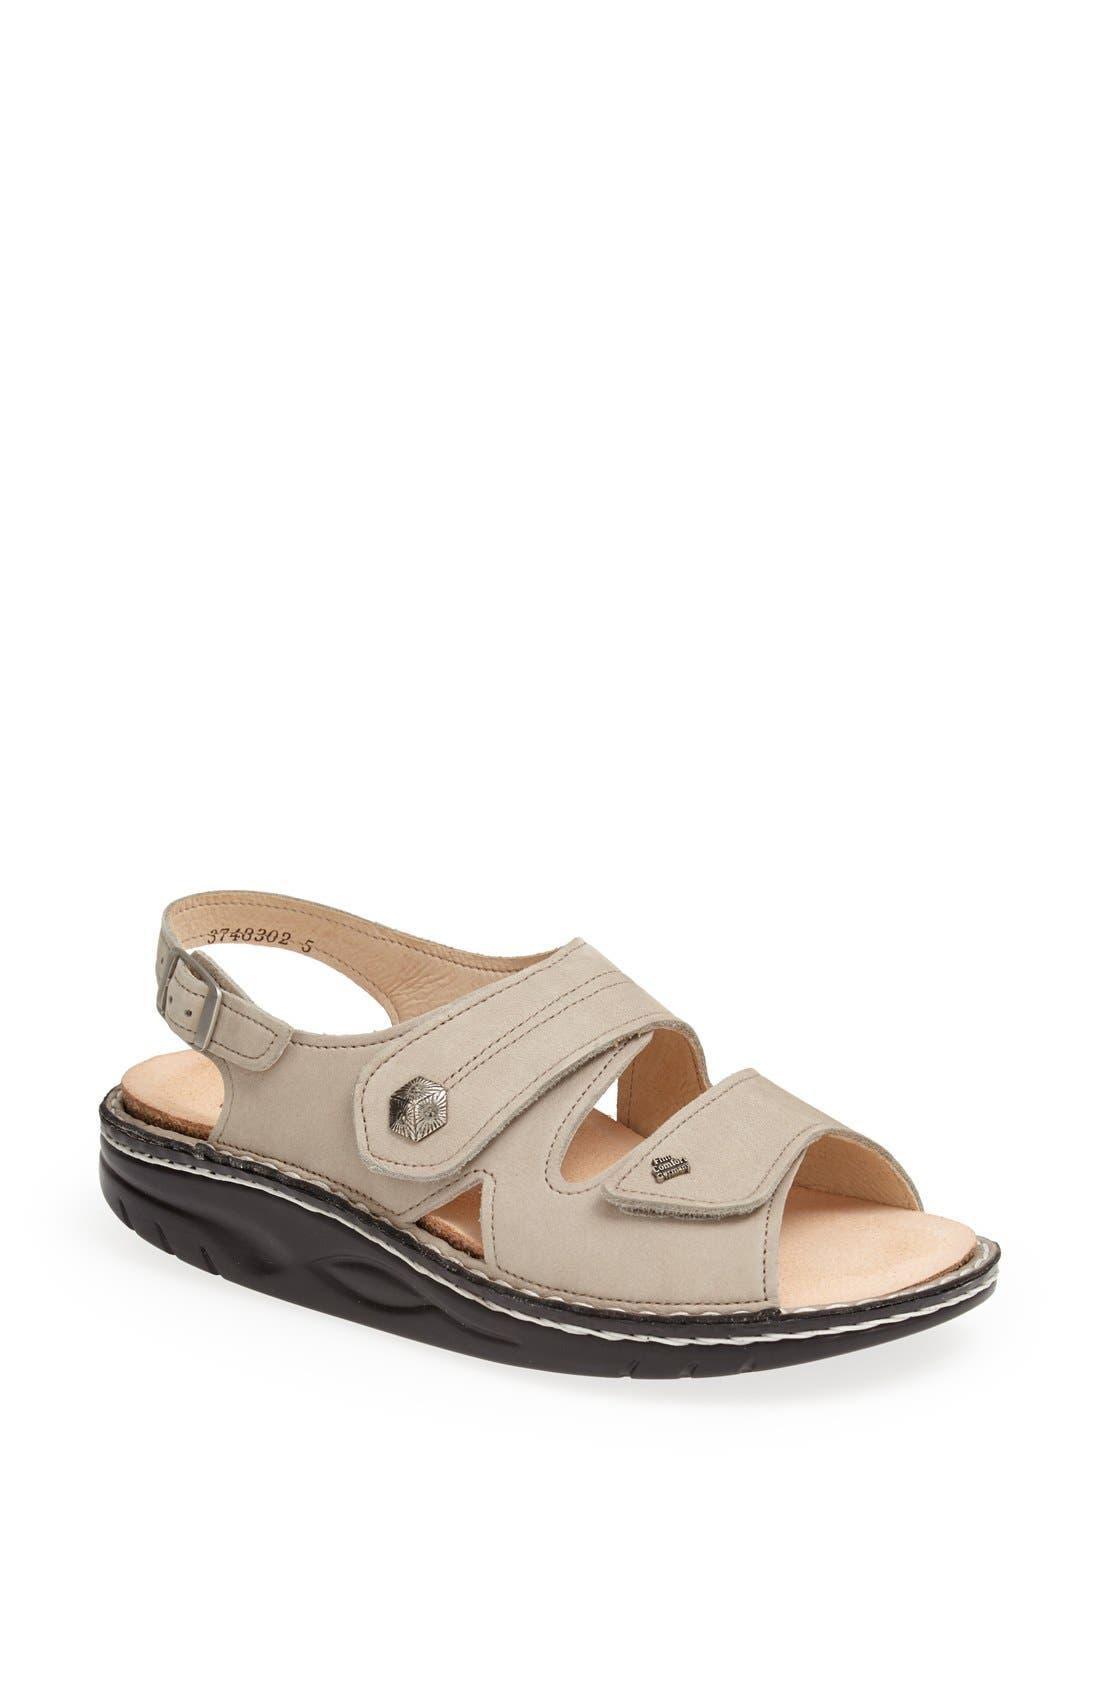 Finn Comfort 'Sparks' Sandal